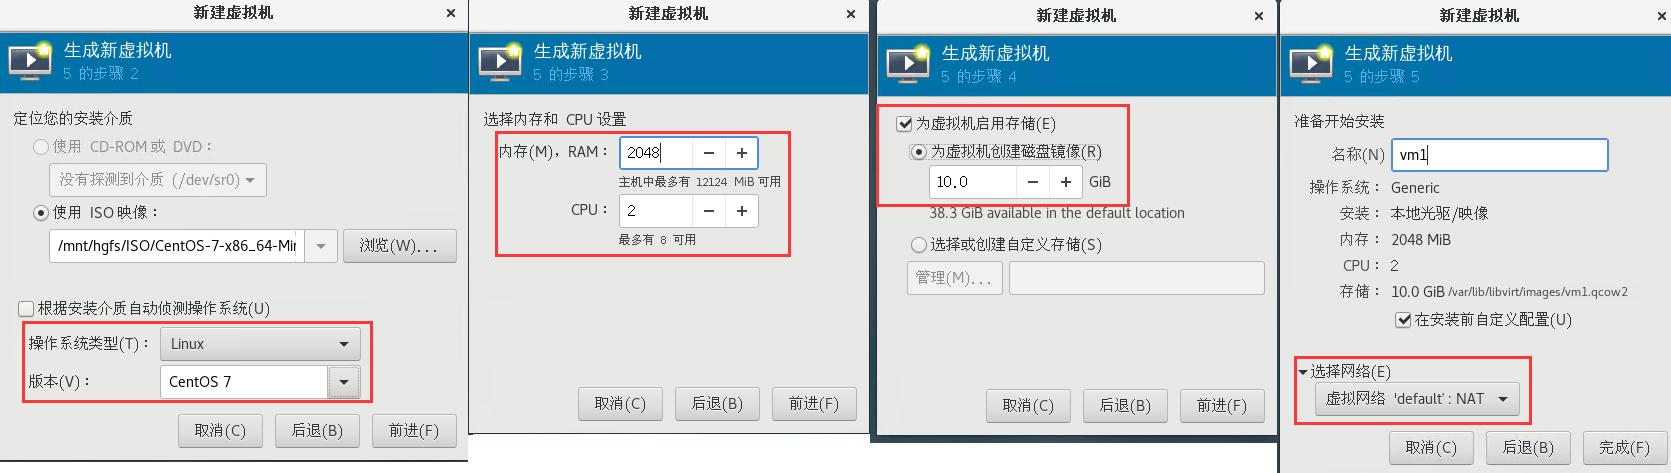 WeiyiGeek.VM虚拟机新建